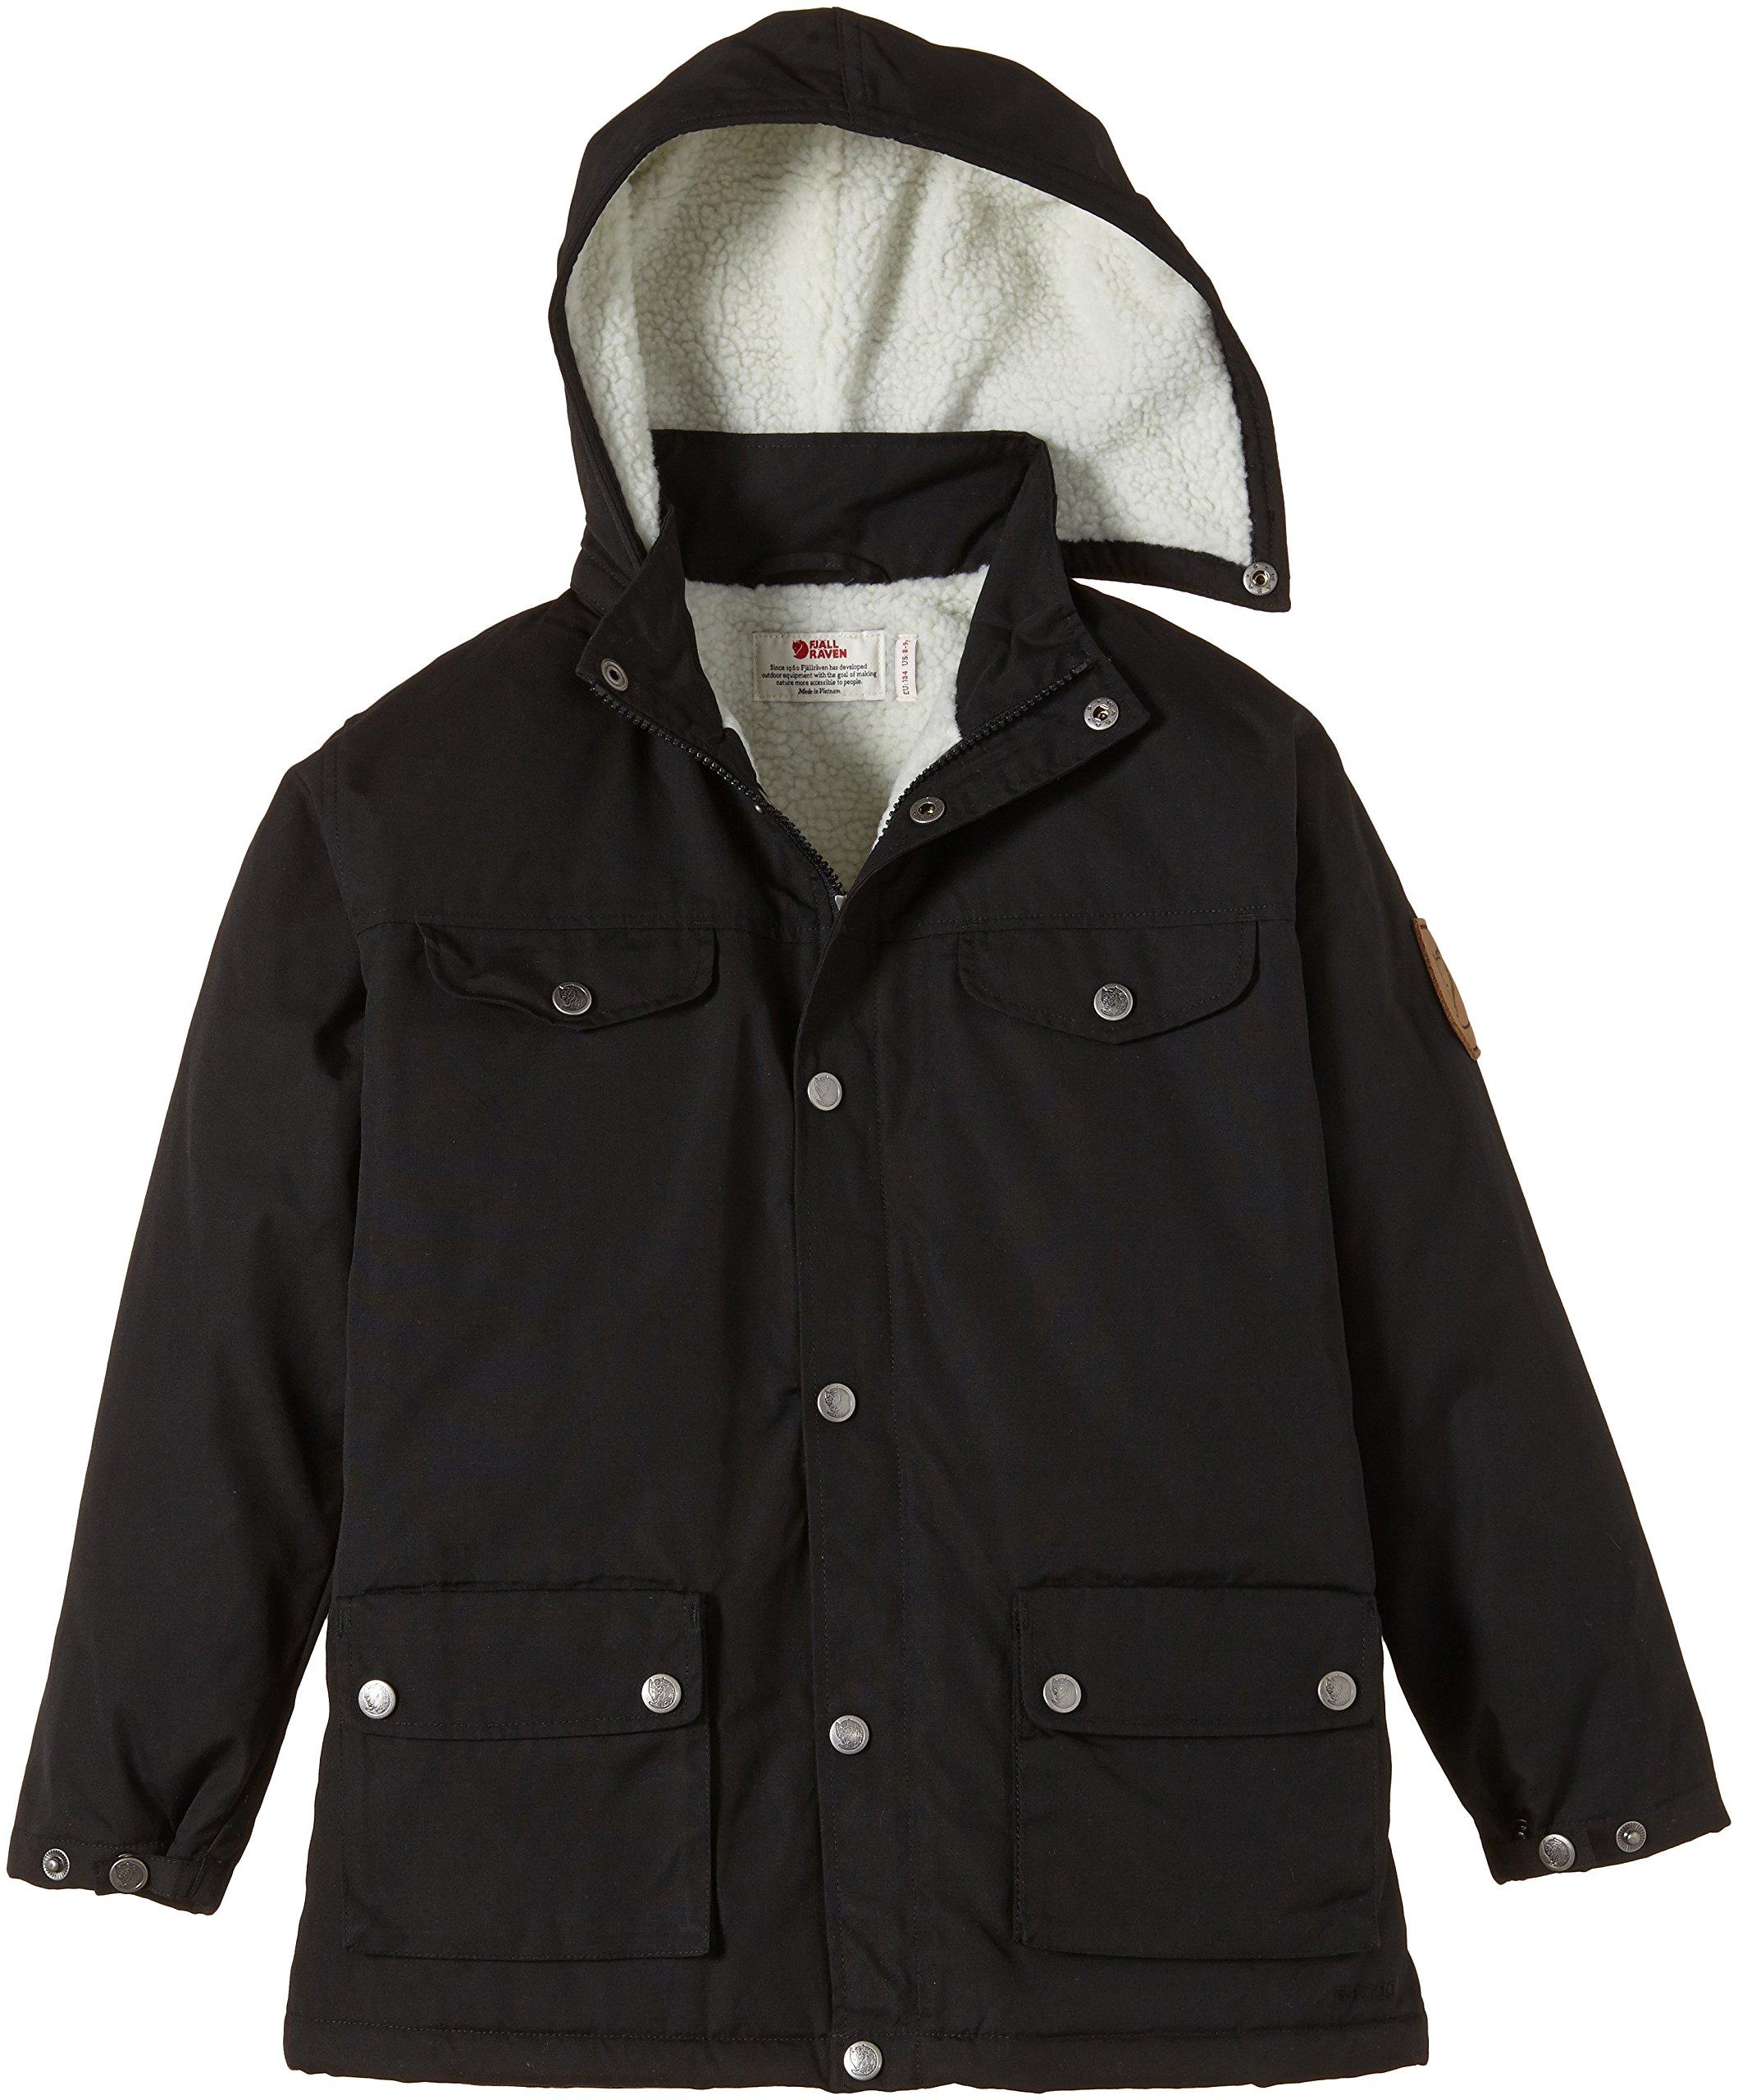 Fjällräven Greenland Winter Jacket